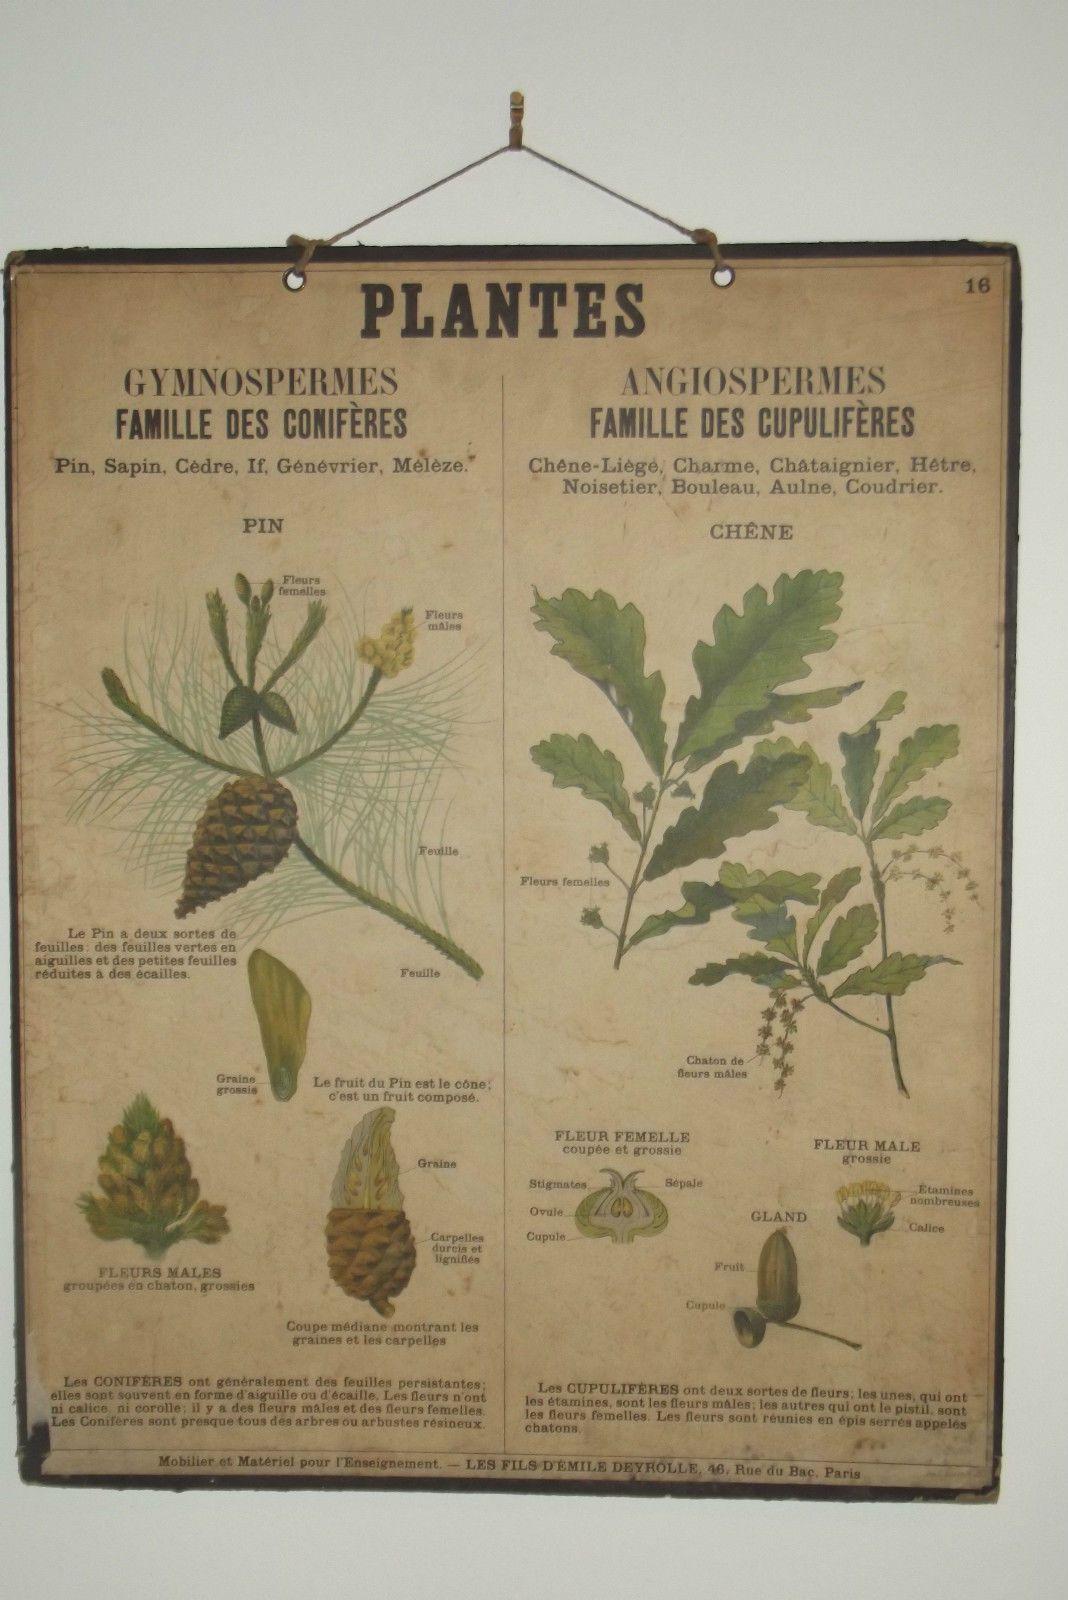 ancienne affiche scolaire deyrolle planche ecole n 16 sciences naturelles affiche pinterest. Black Bedroom Furniture Sets. Home Design Ideas